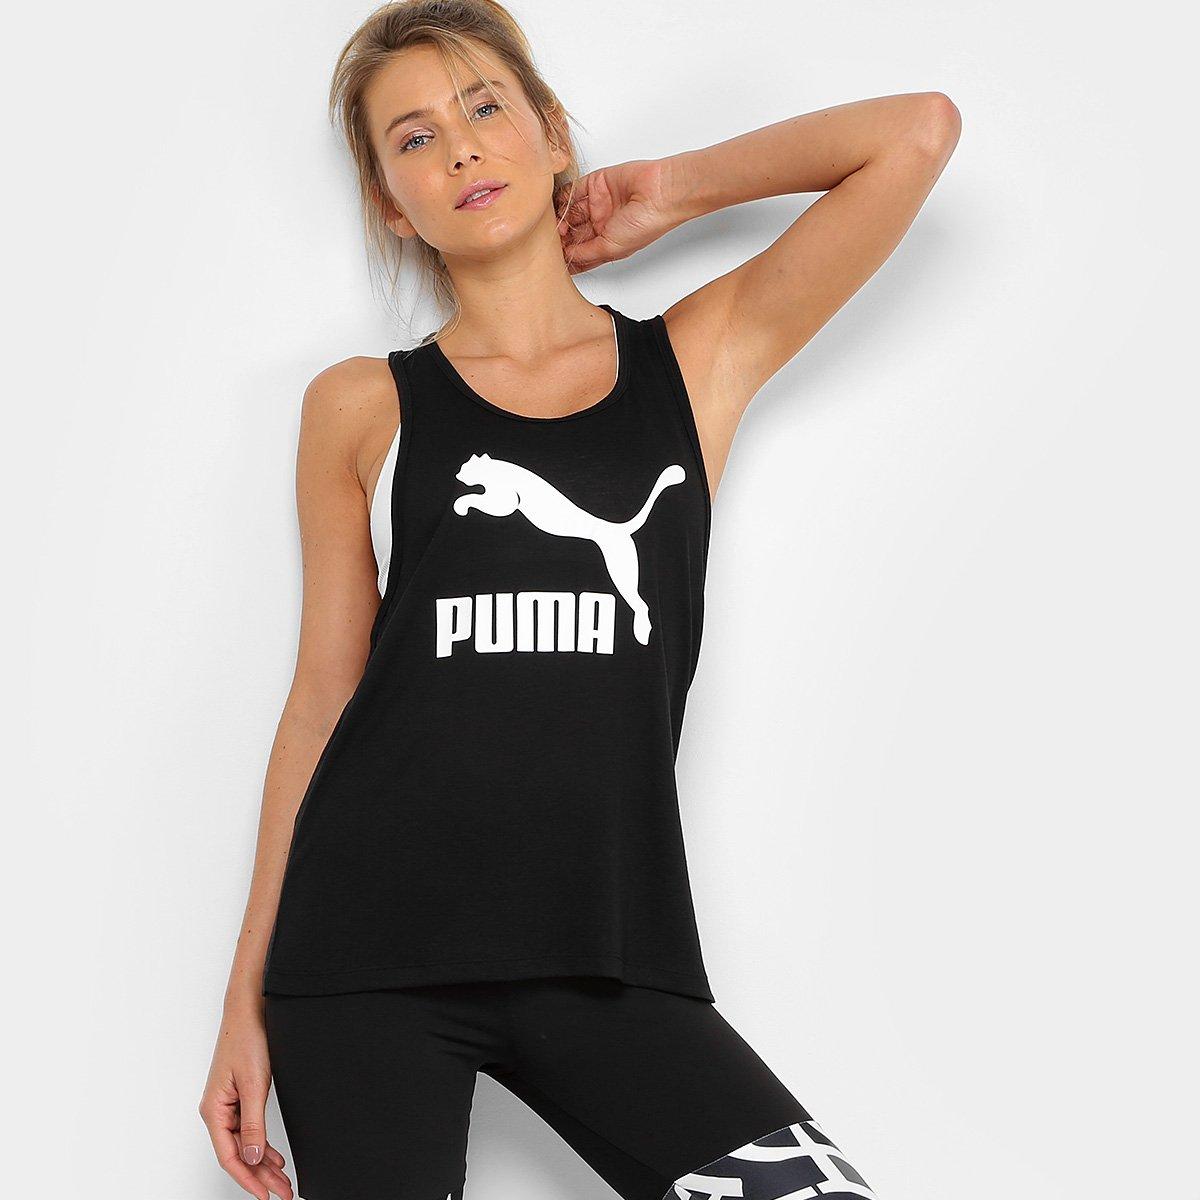 Camiseta Regata Puma Classics Logo Tank Feminina - Compre Agora ... 47a6ce908b817